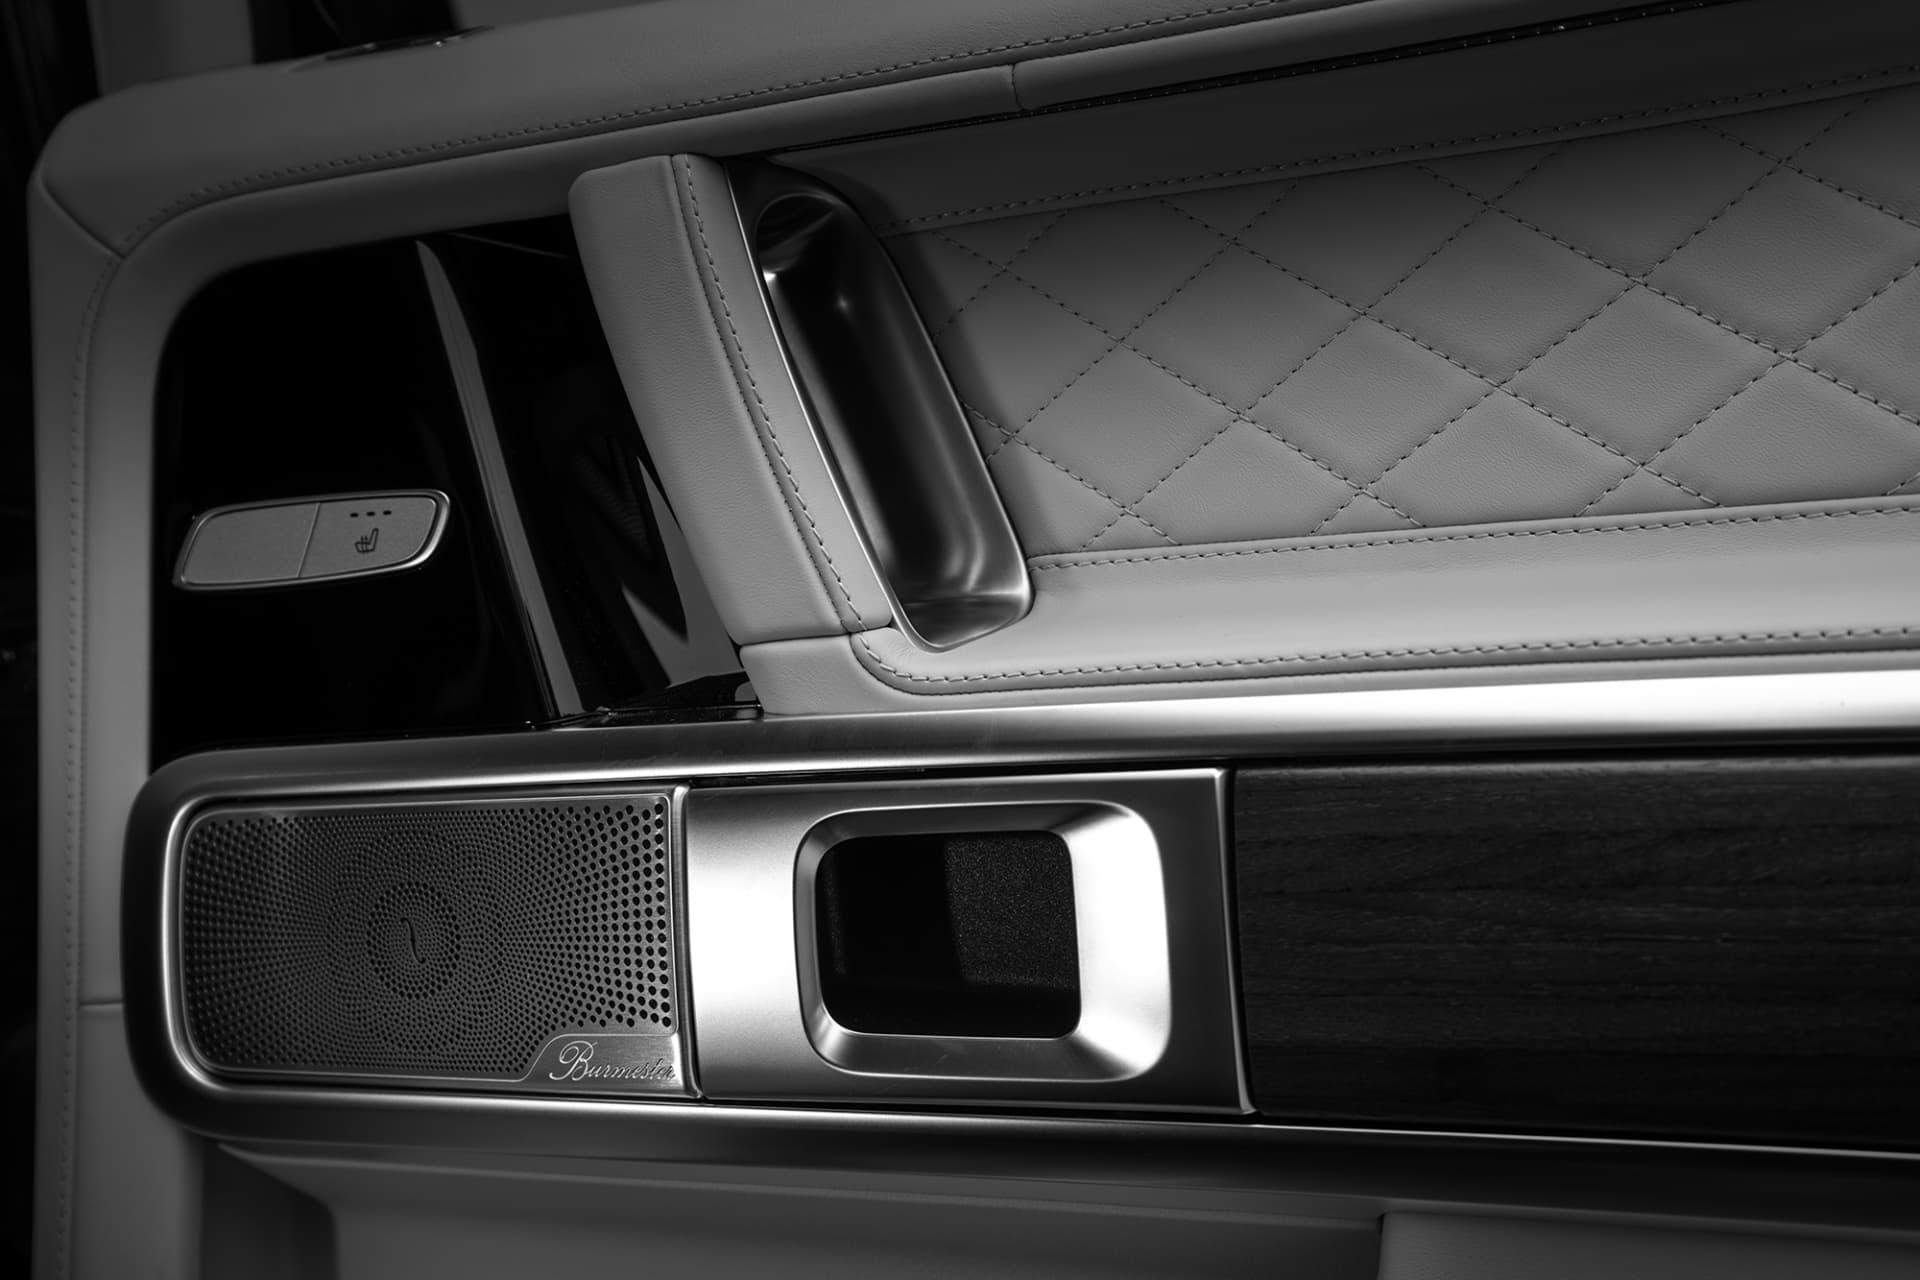 Ett kraftfullt ljudsystem från Burmester har även tagit plats och förser bilen med ljud så det räcker och blir över.